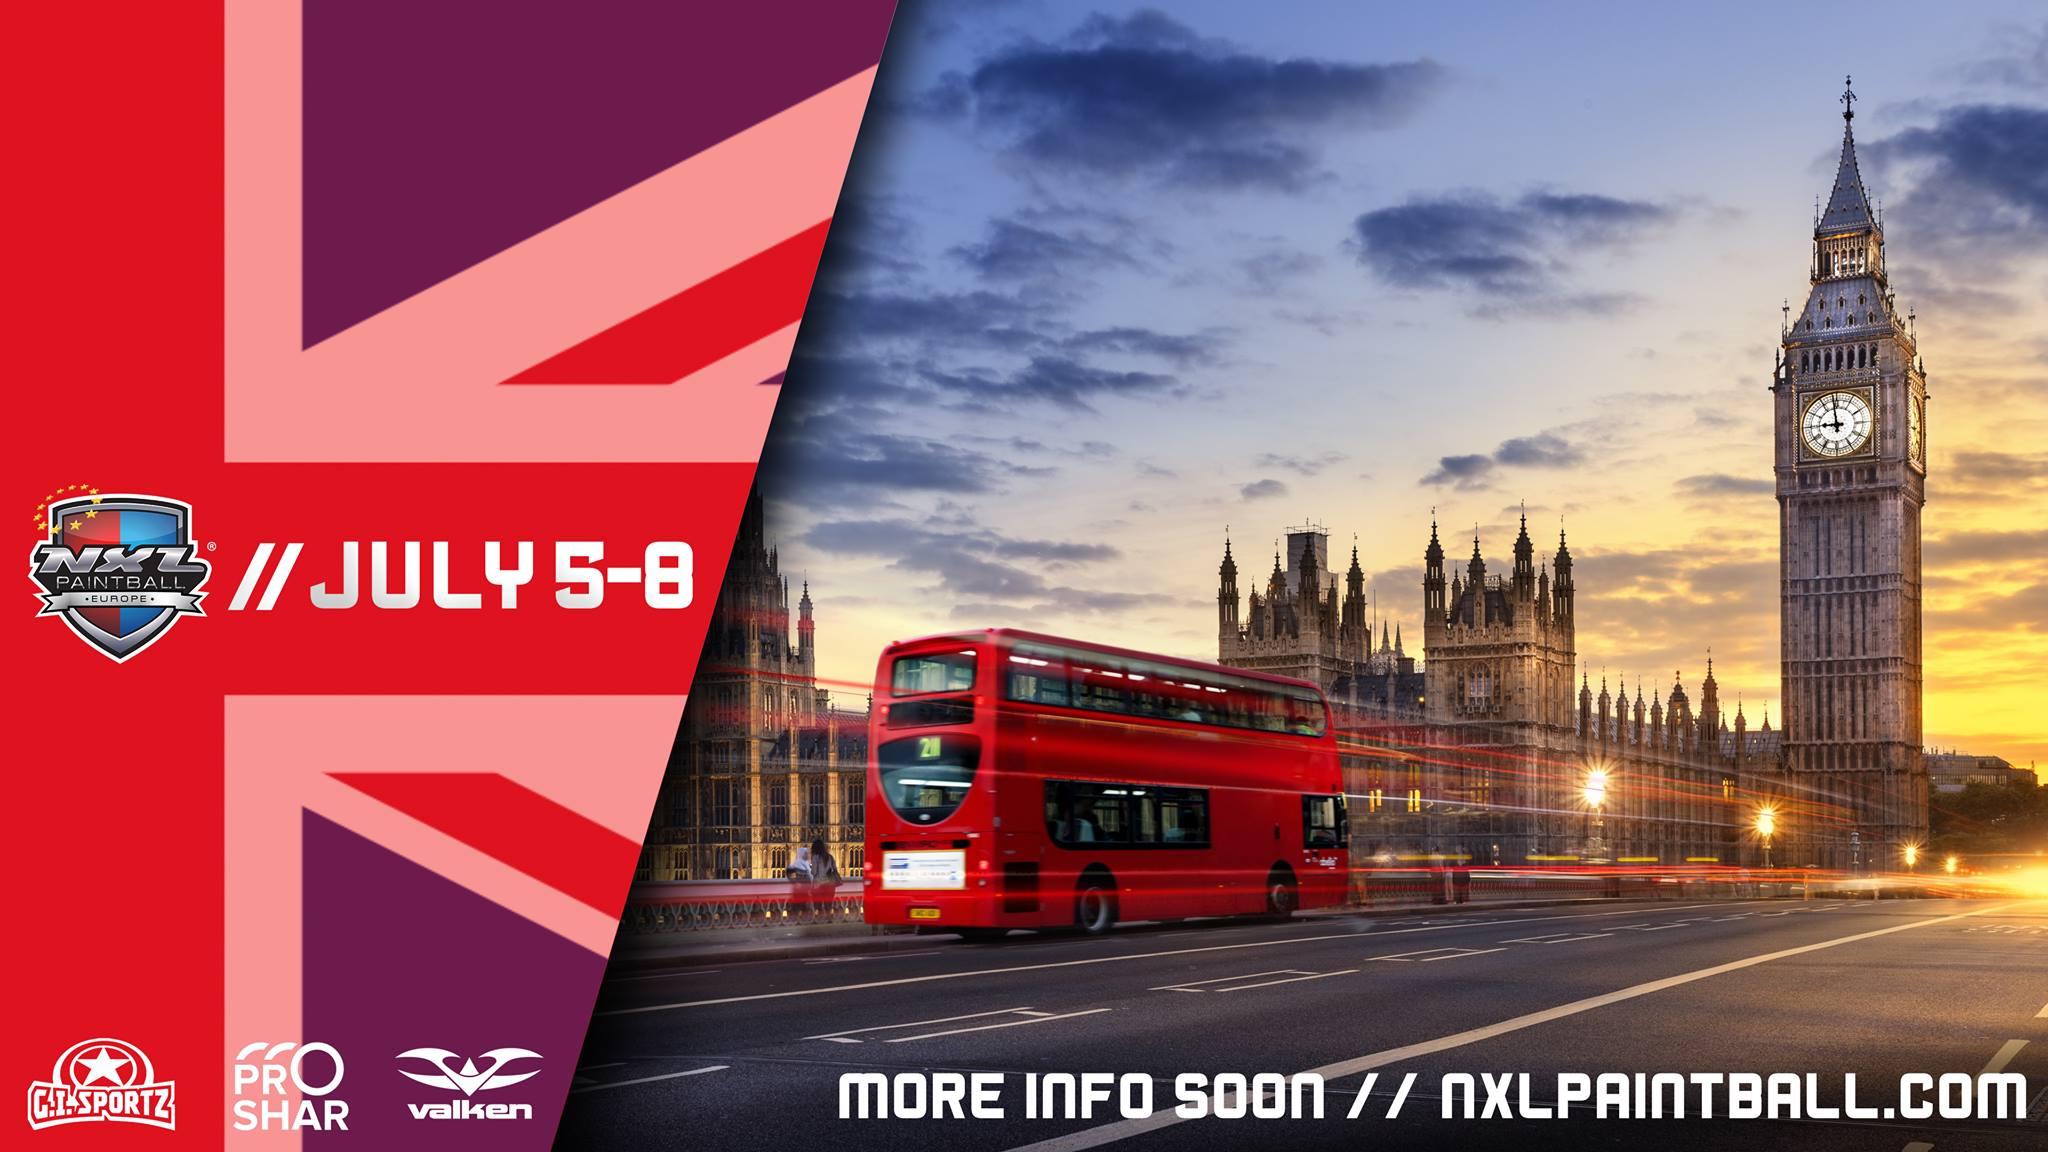 nxleurope2018_london.jpg